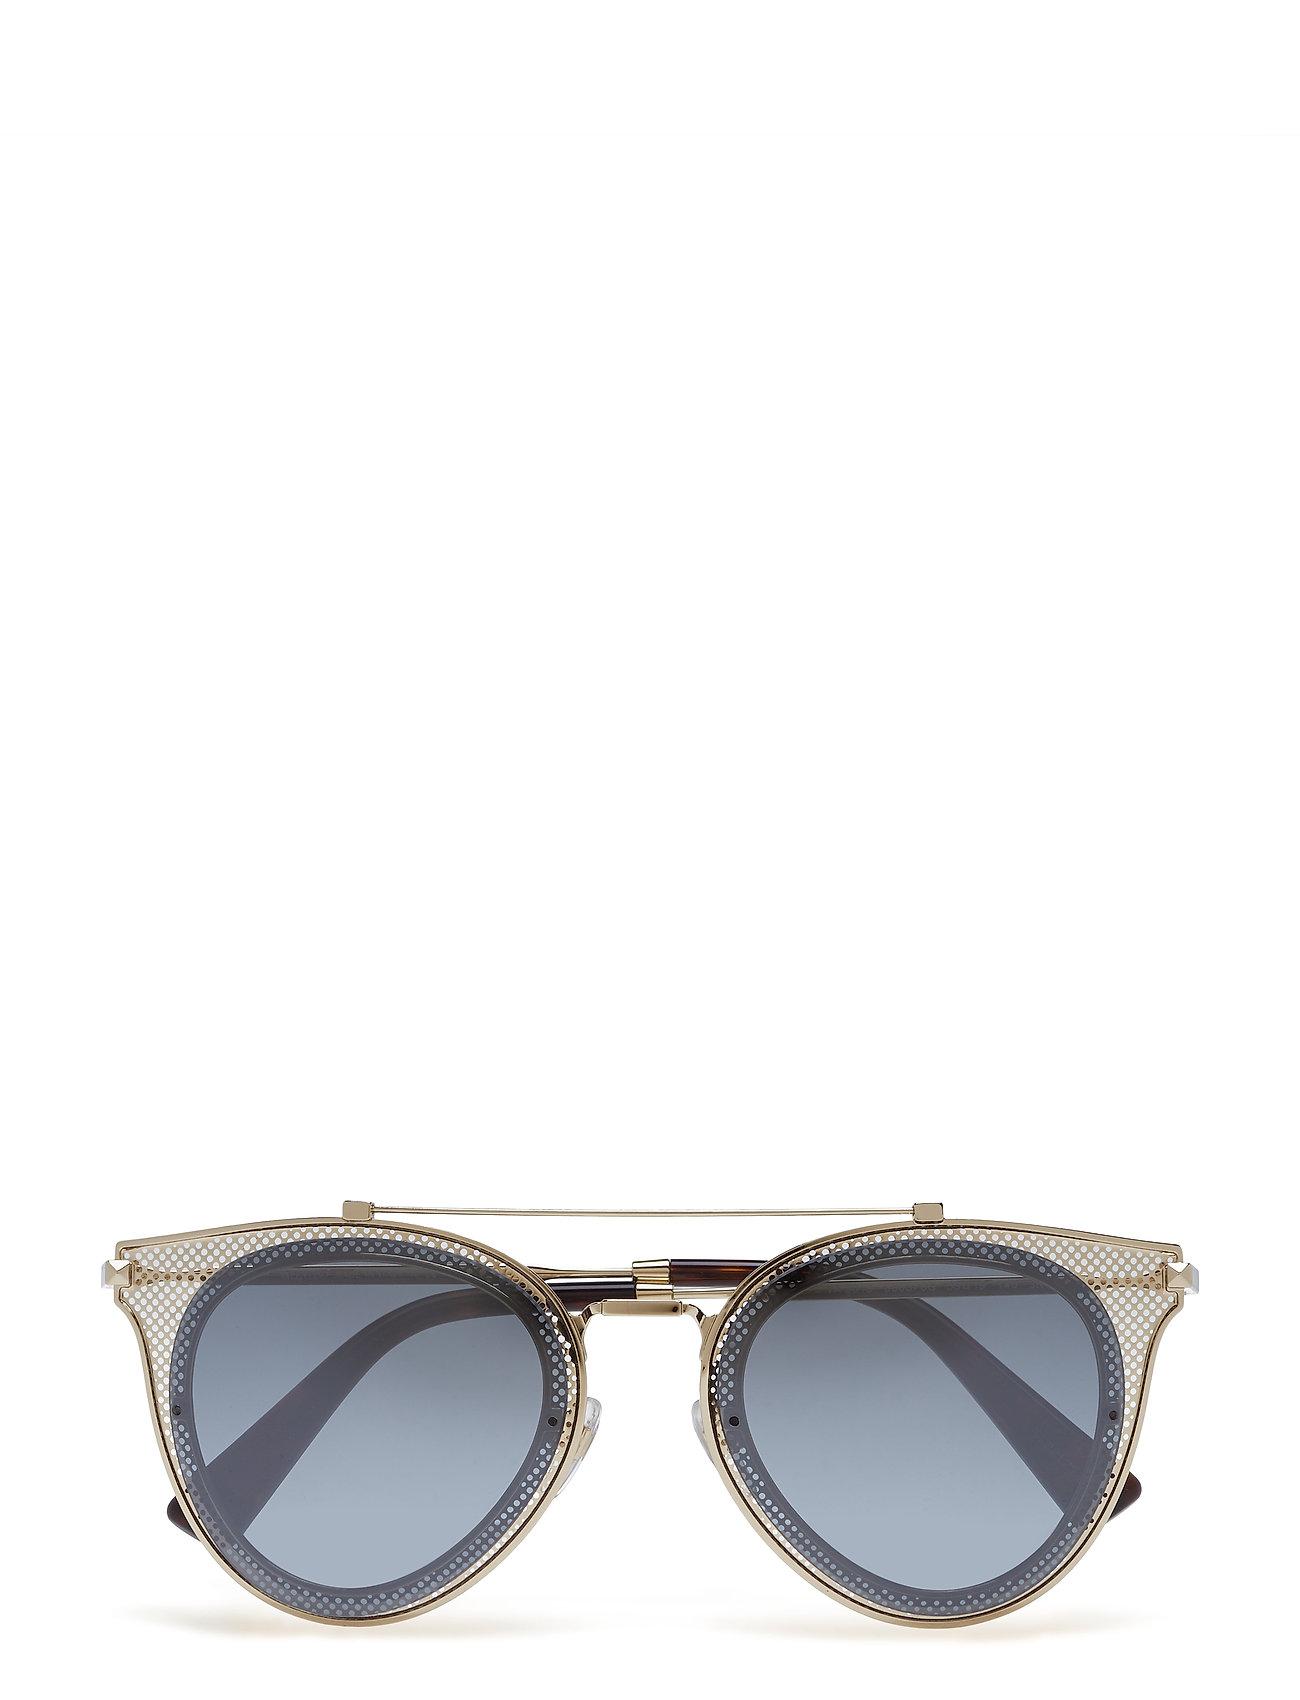 0va2019 - Valentino Sunglasses